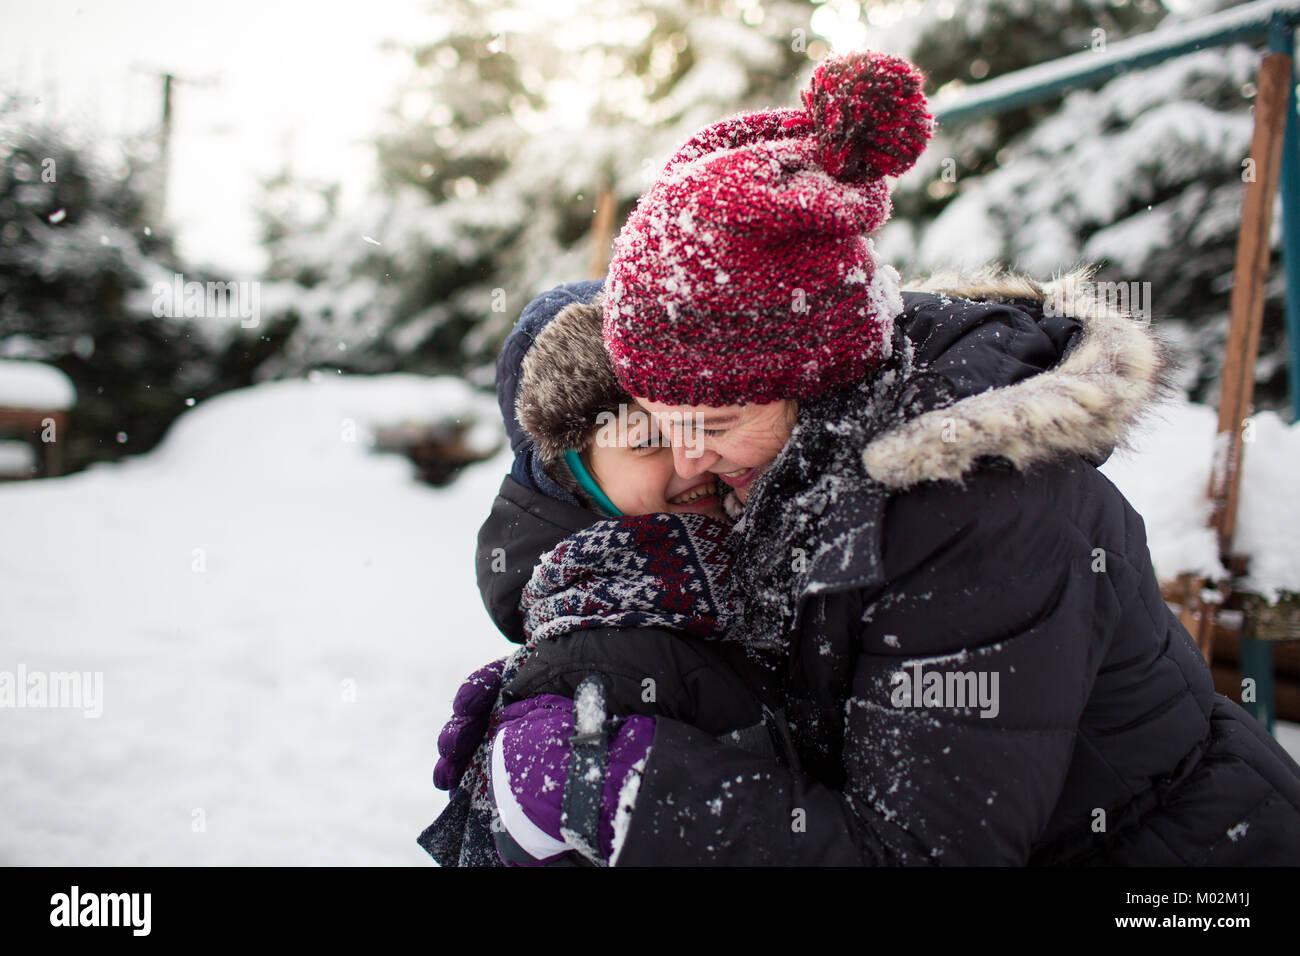 Vista lateral de una feliz madre e hijo abrazarse mutuamente después de una lucha de bola de nieve. Familia Imagen De Stock